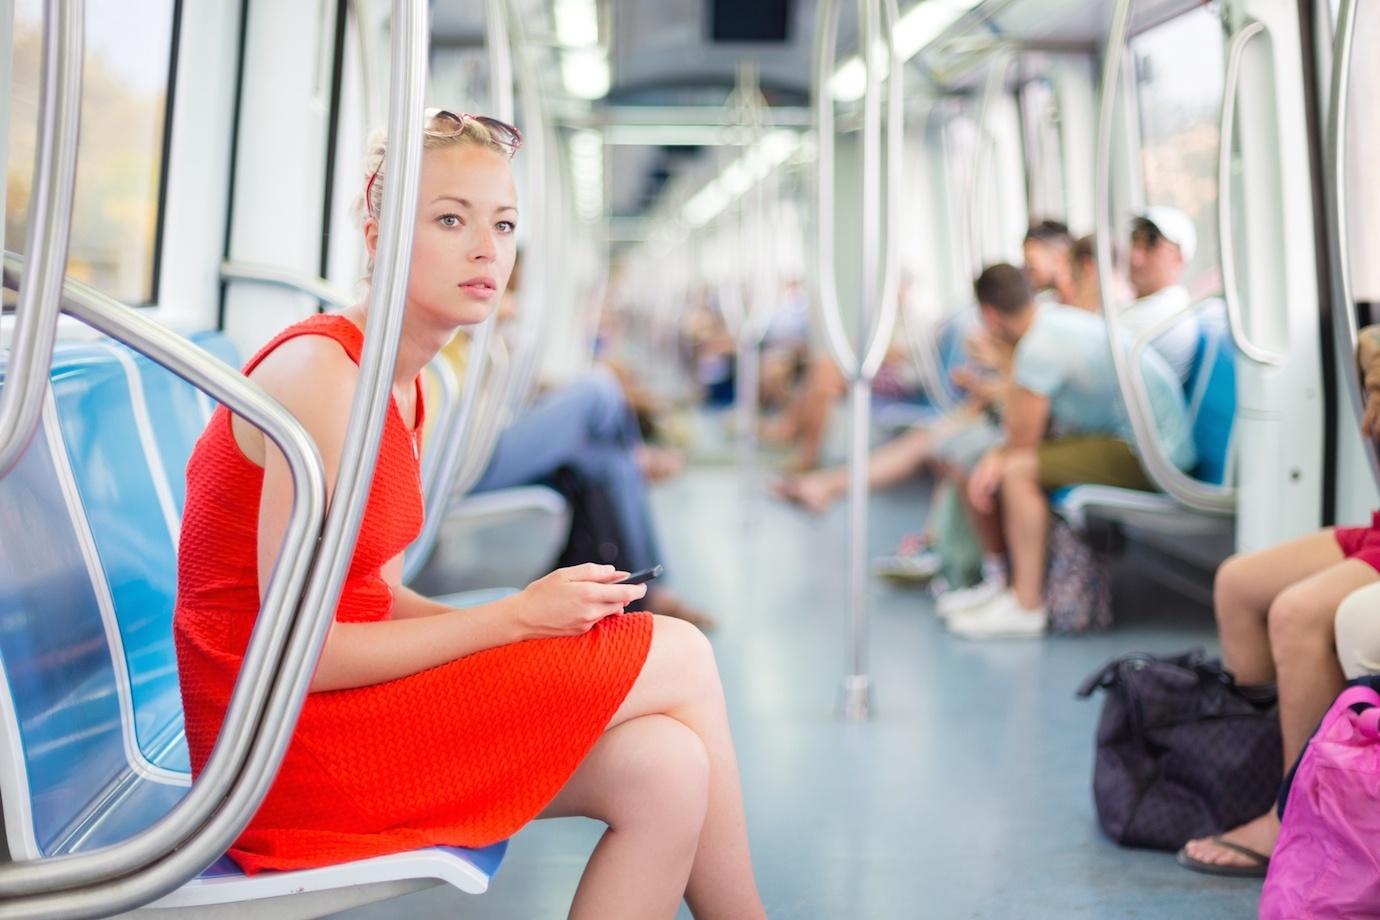 【保存版】引越し時に考えたい、東京近郊で乗り入れ路線が多い駅13選(その土地の平均家賃相場つき)